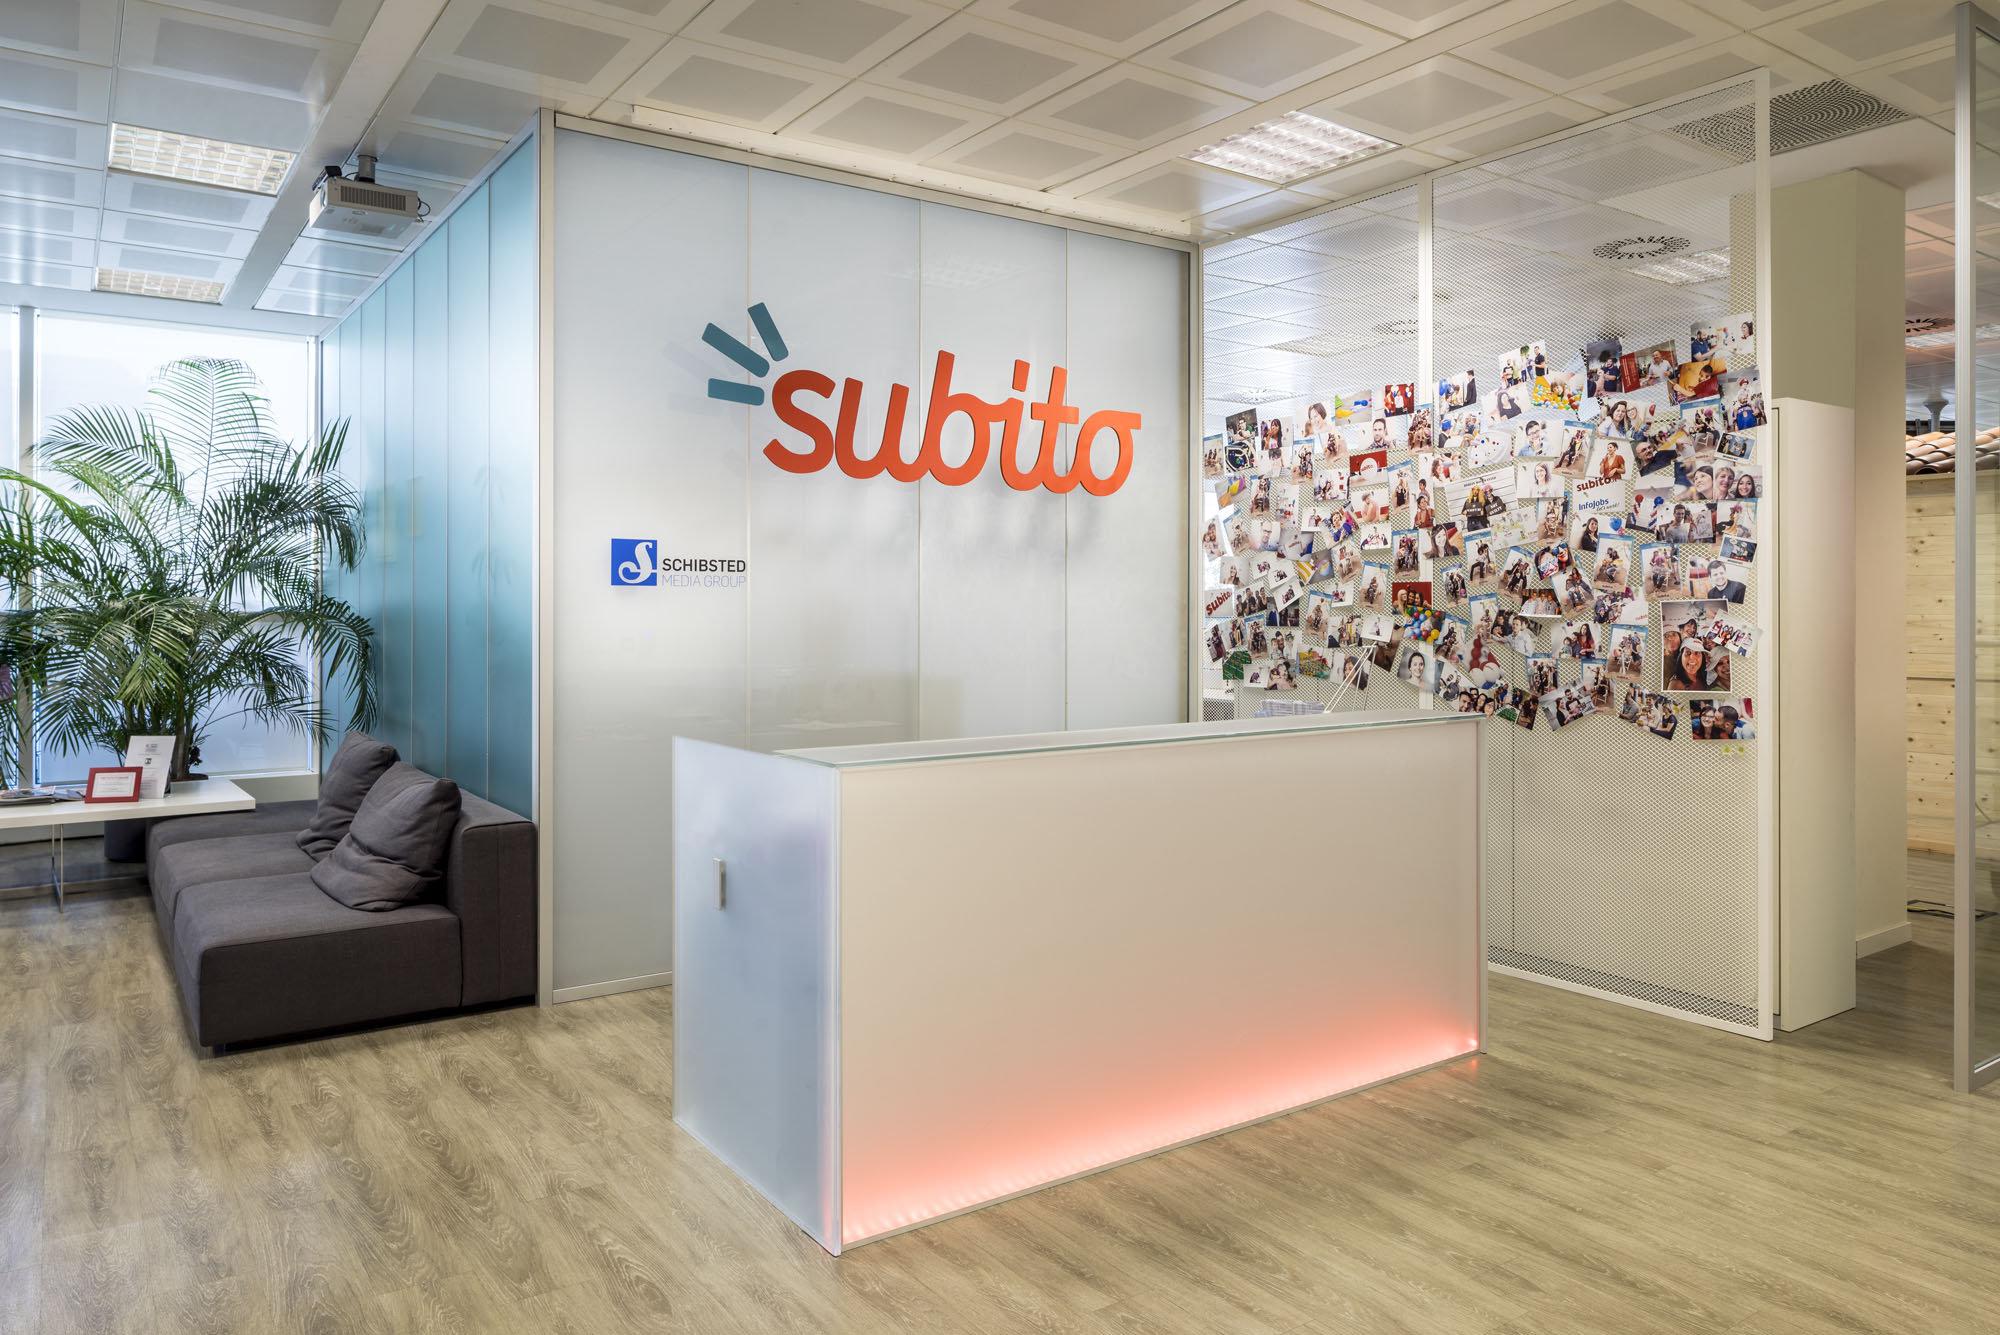 Chi compra l usato guadagna 900 euro all anno intervista for Subito offerte di lavoro